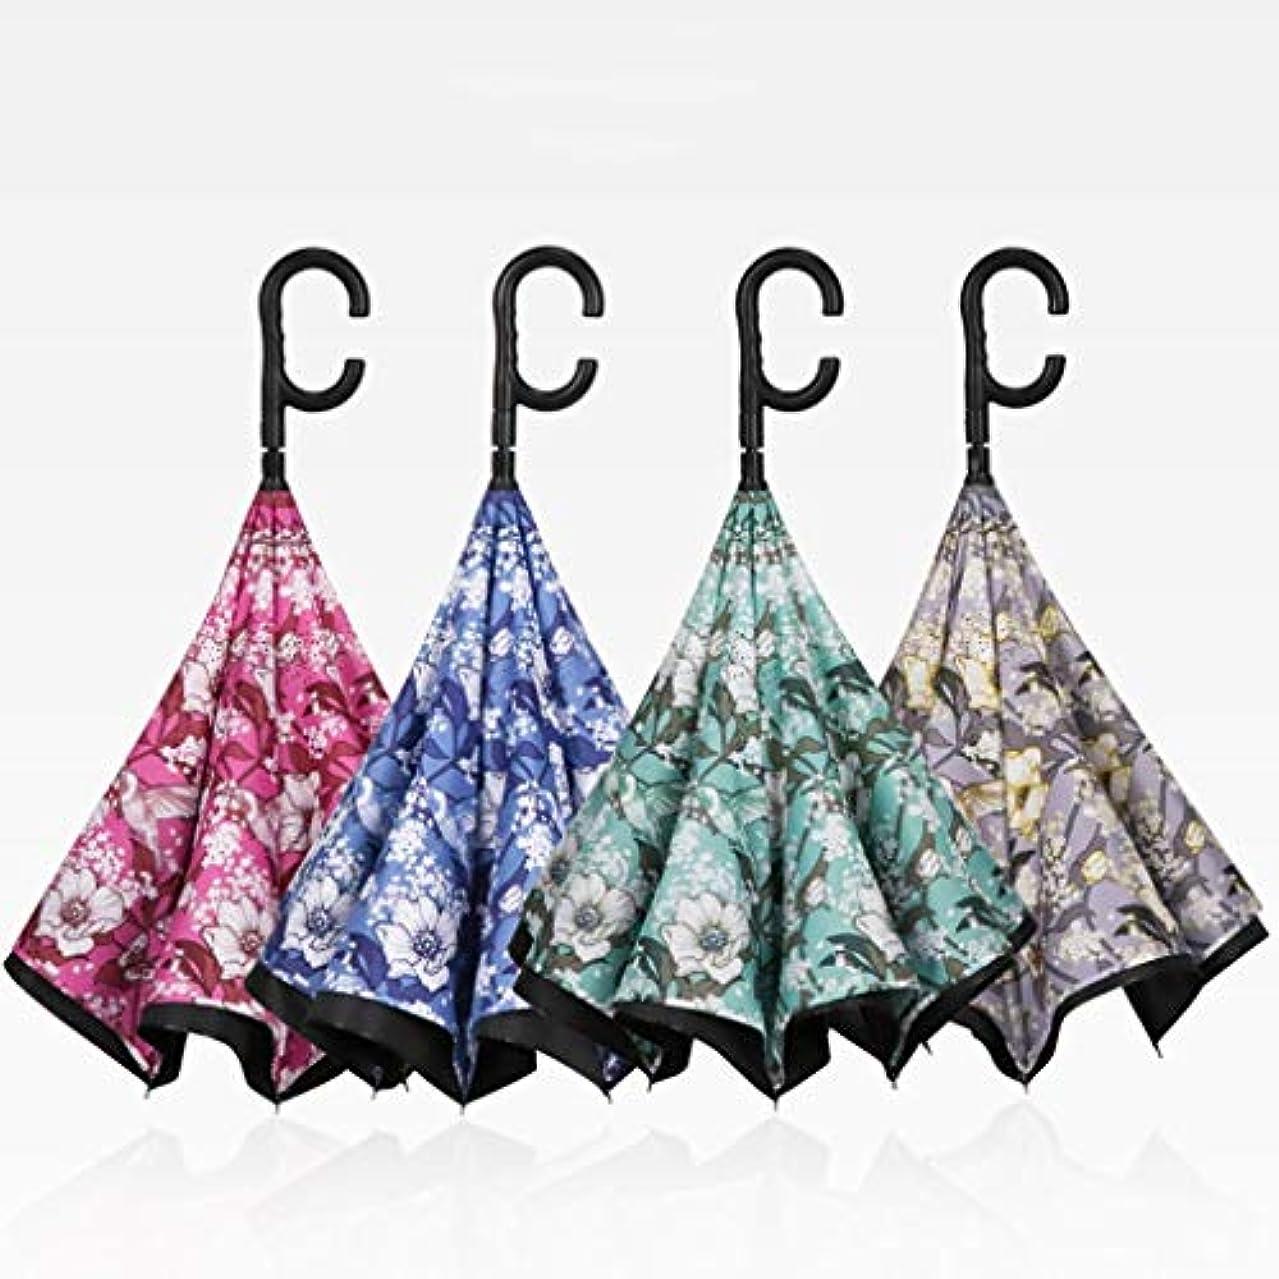 失われた大西洋毒性倒立傘、防風傘、逆傘、UVカット、逆さ傘、C型ハンドル (Color : Blue)